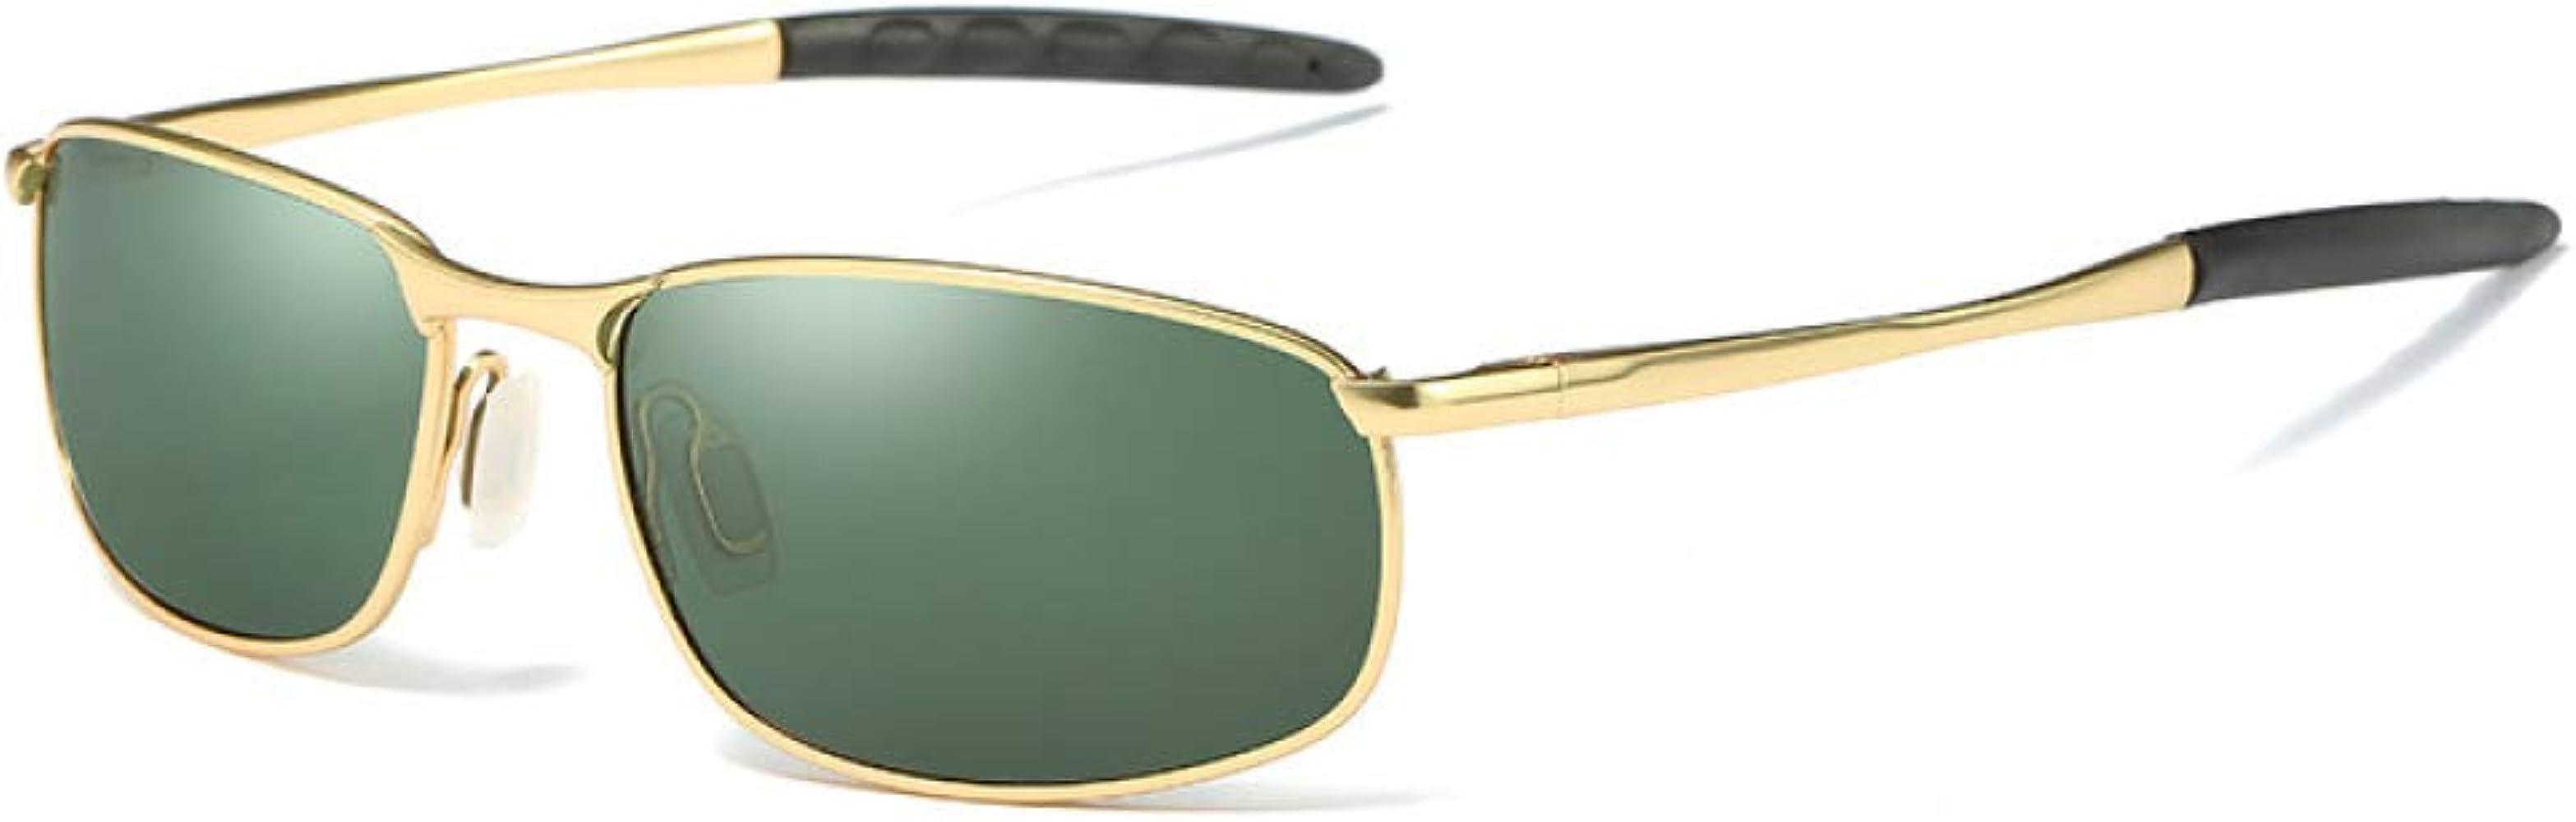 xinrongqu Gafas De Sol - Gafas De Sol Polarizadas Gafas De ...